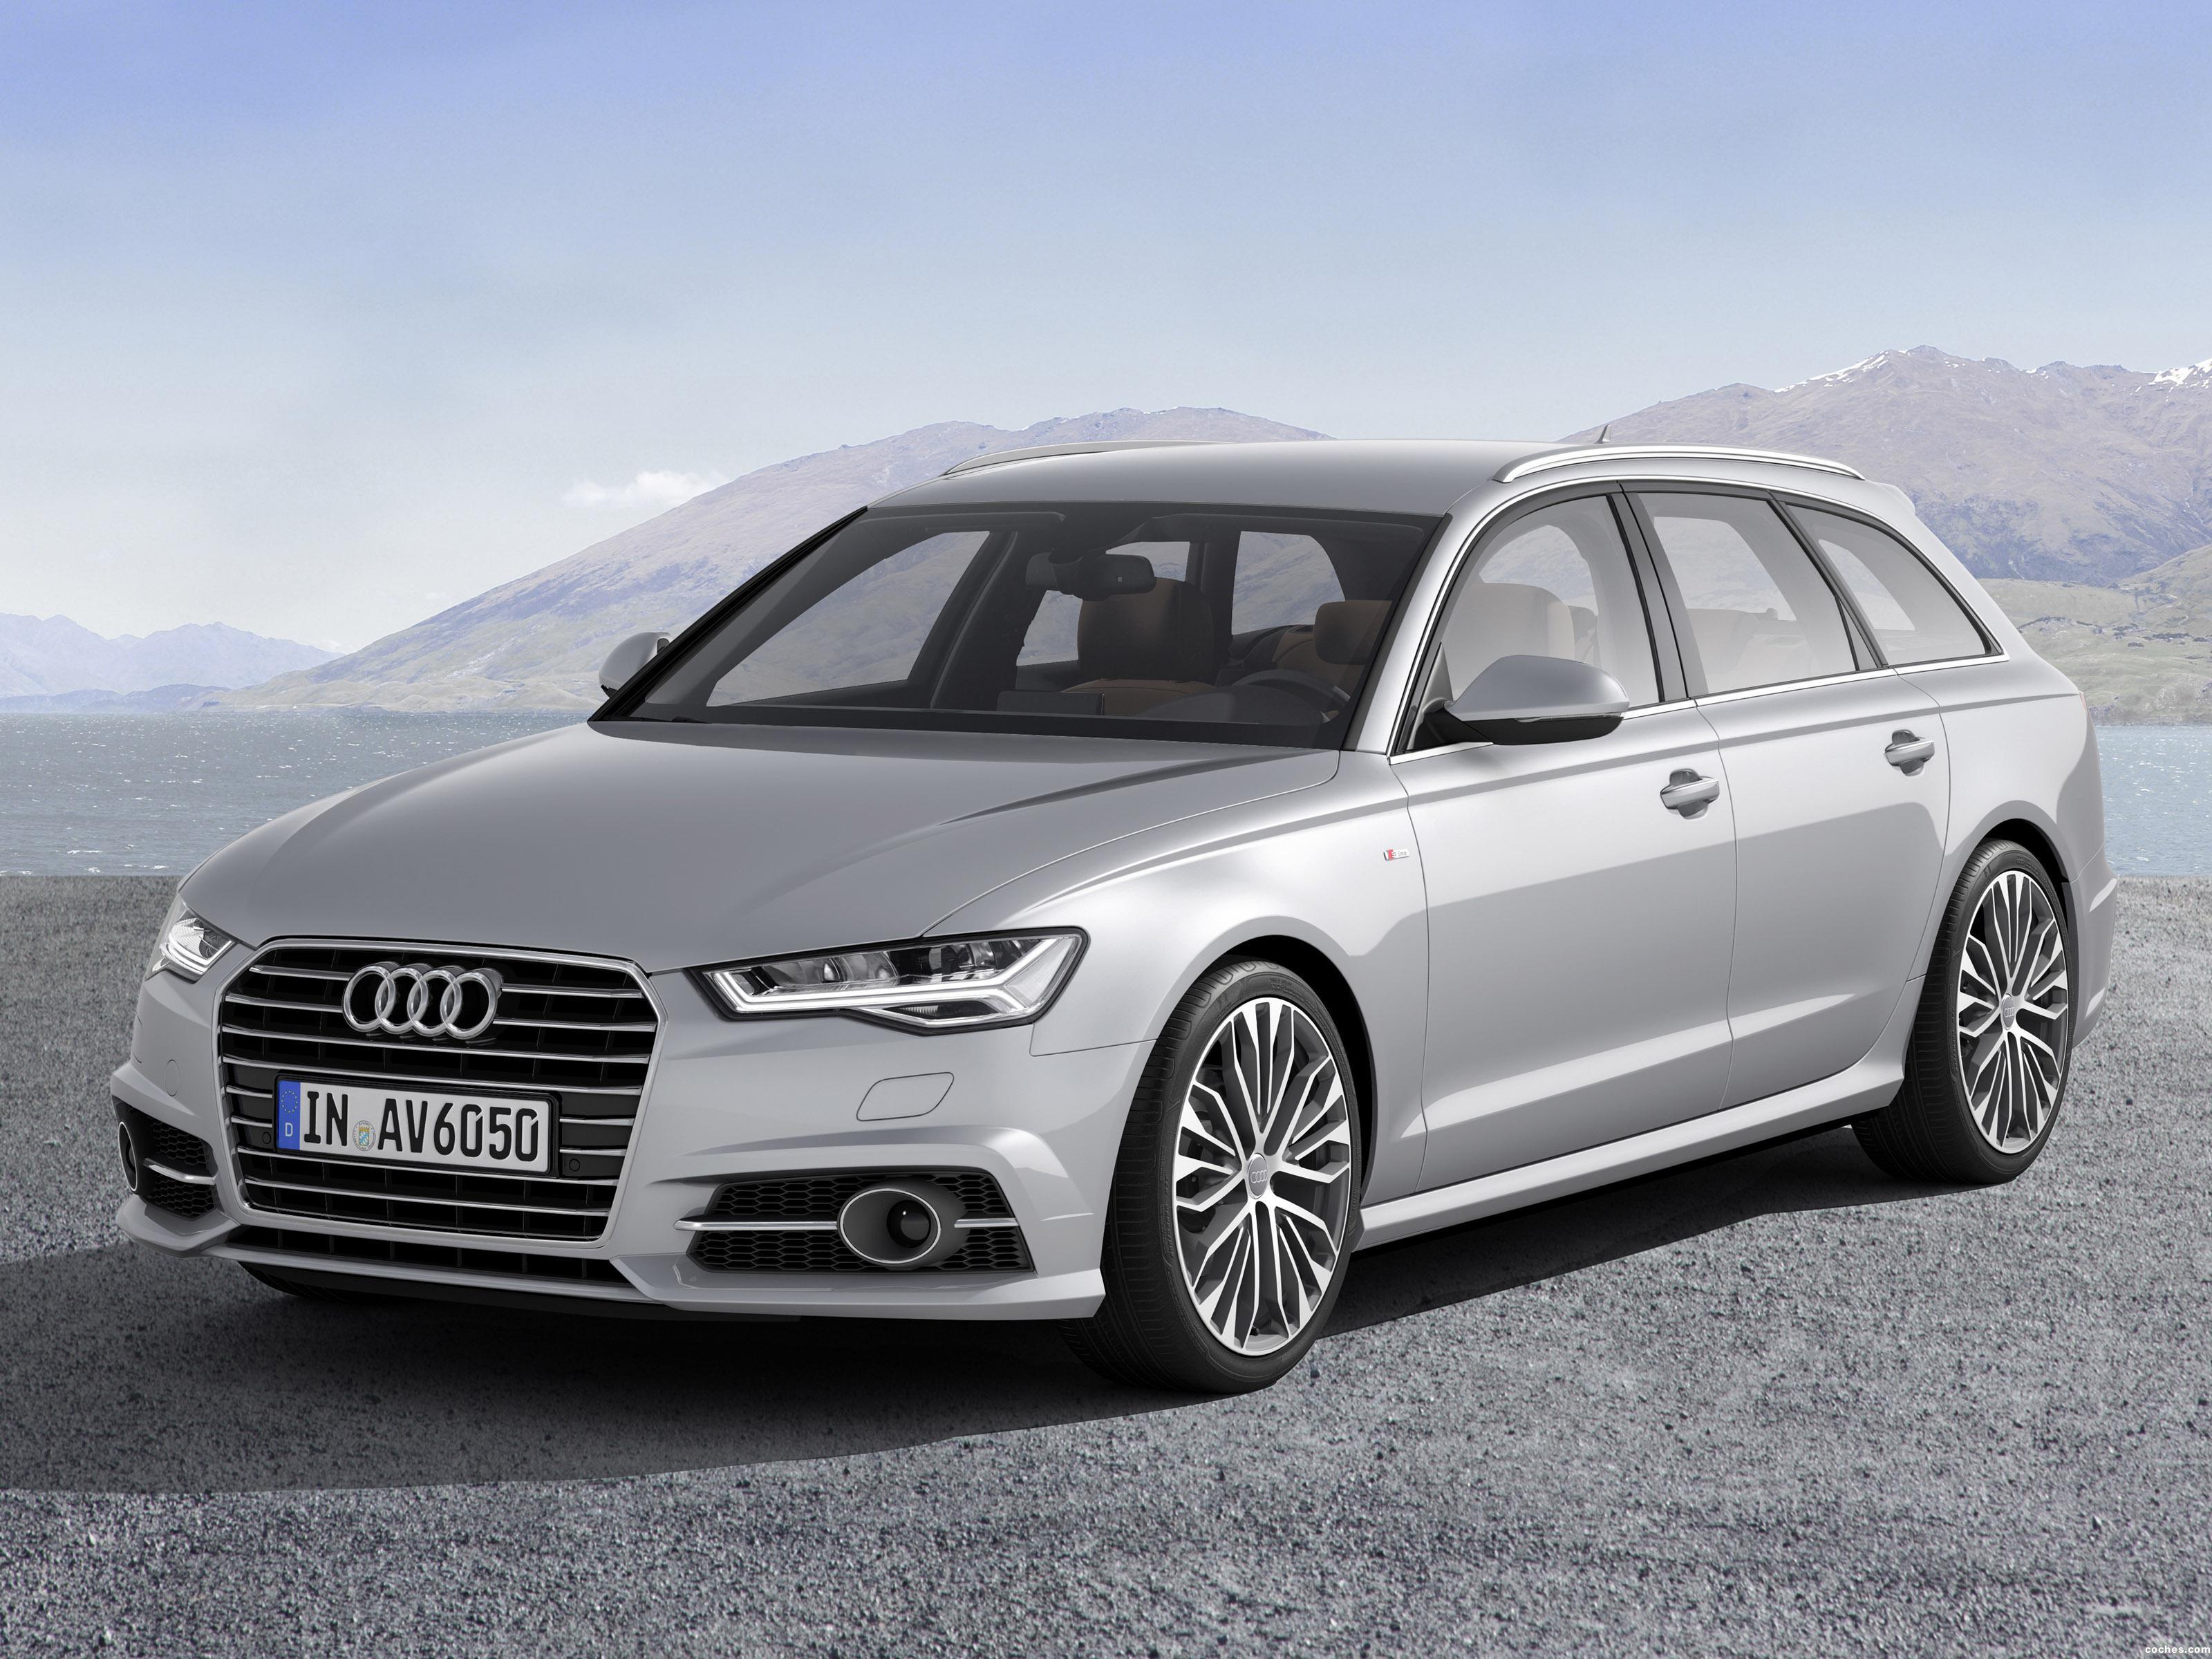 Foto 0 de Audi A6 Avant 2.0 TDI S-Line 2015